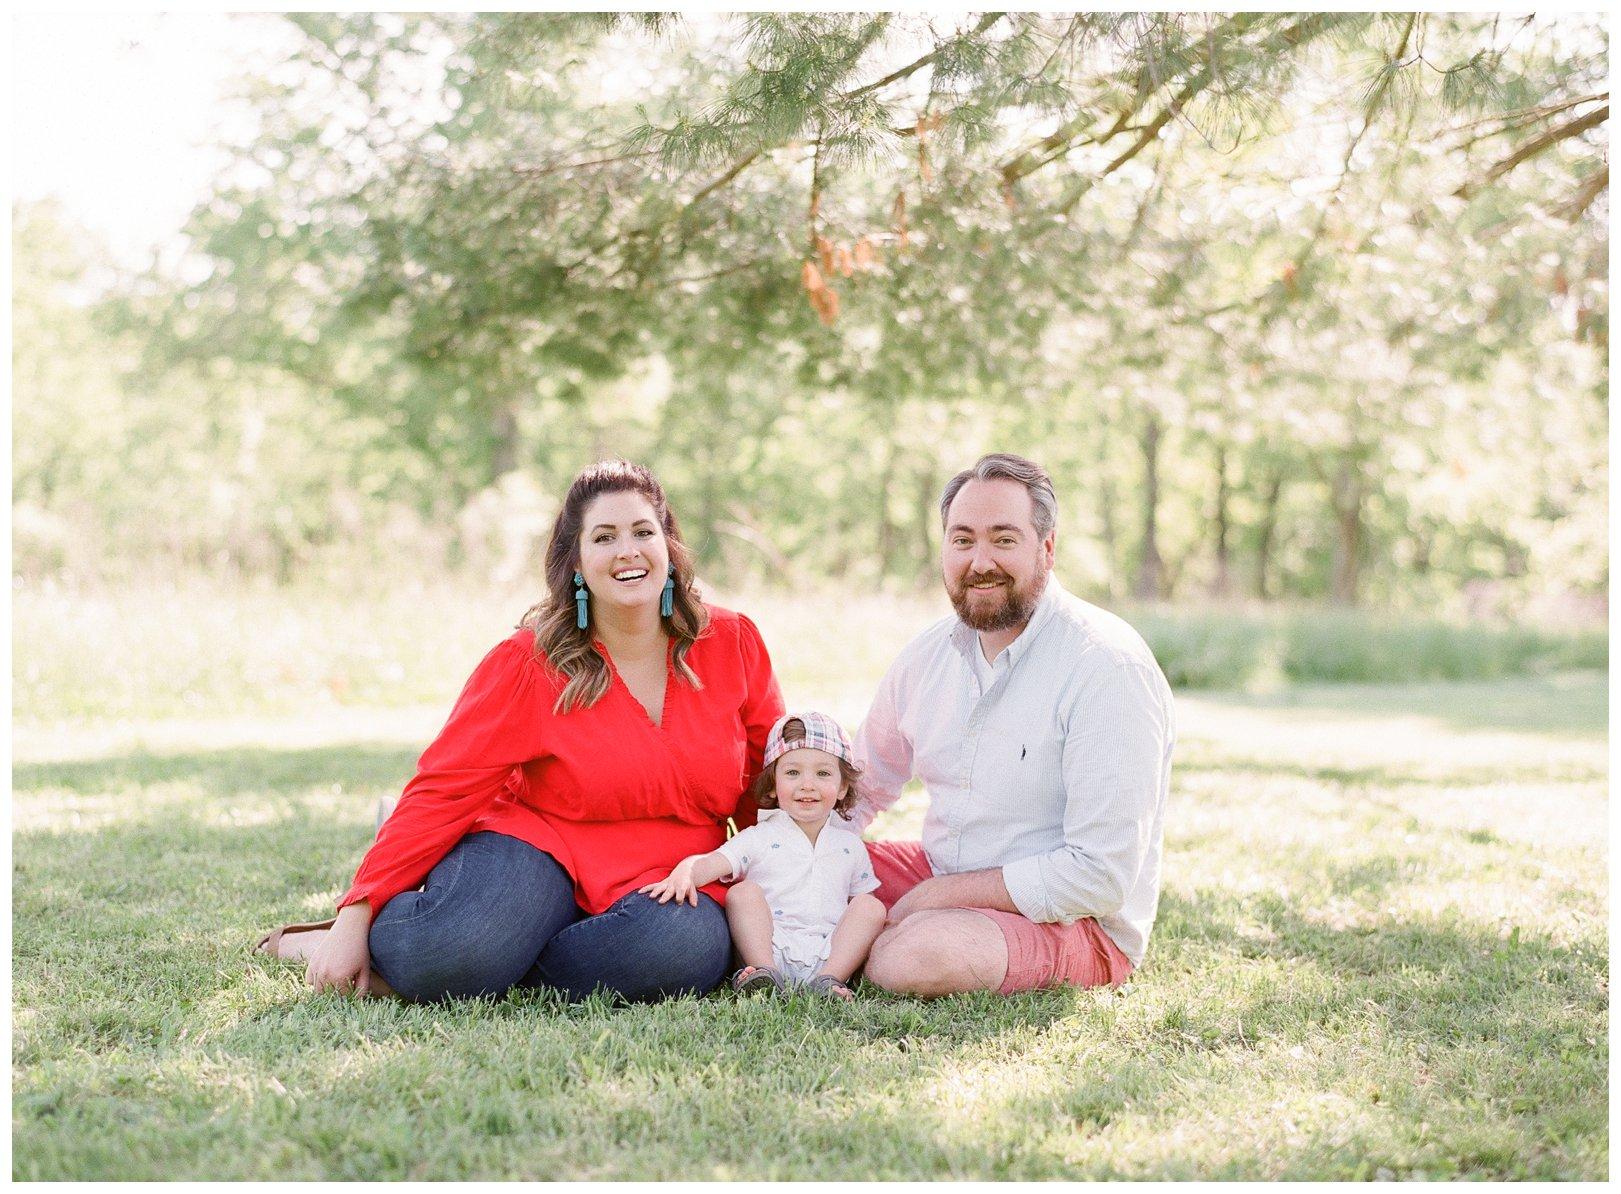 lauren muckler photography_fine art film wedding photography_st louis_photography_2738.jpg